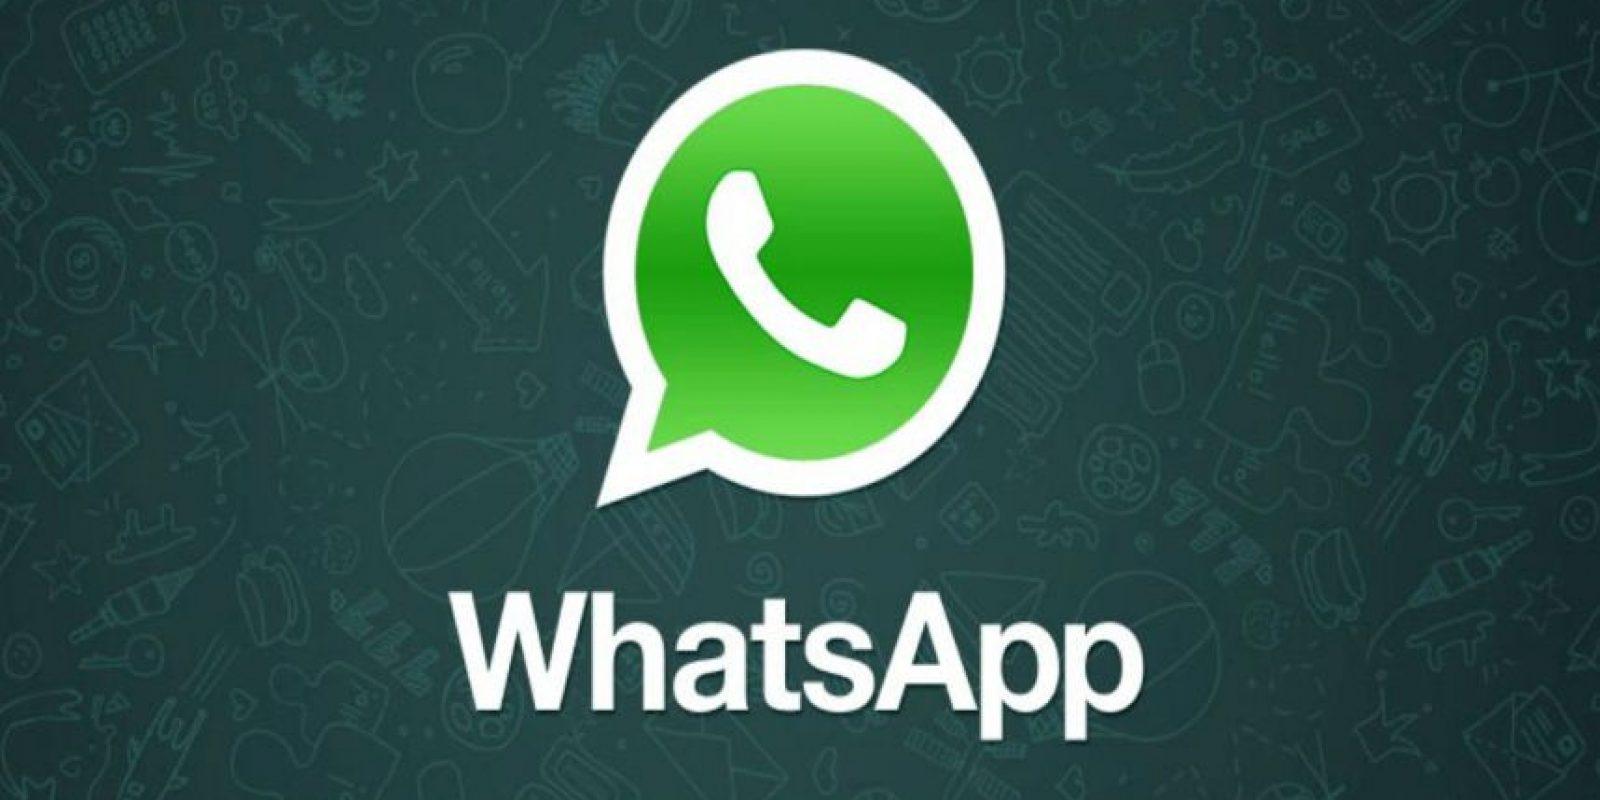 WhatsApp lanzó una nueva aplicación recientemente. Foto:WhatsApp